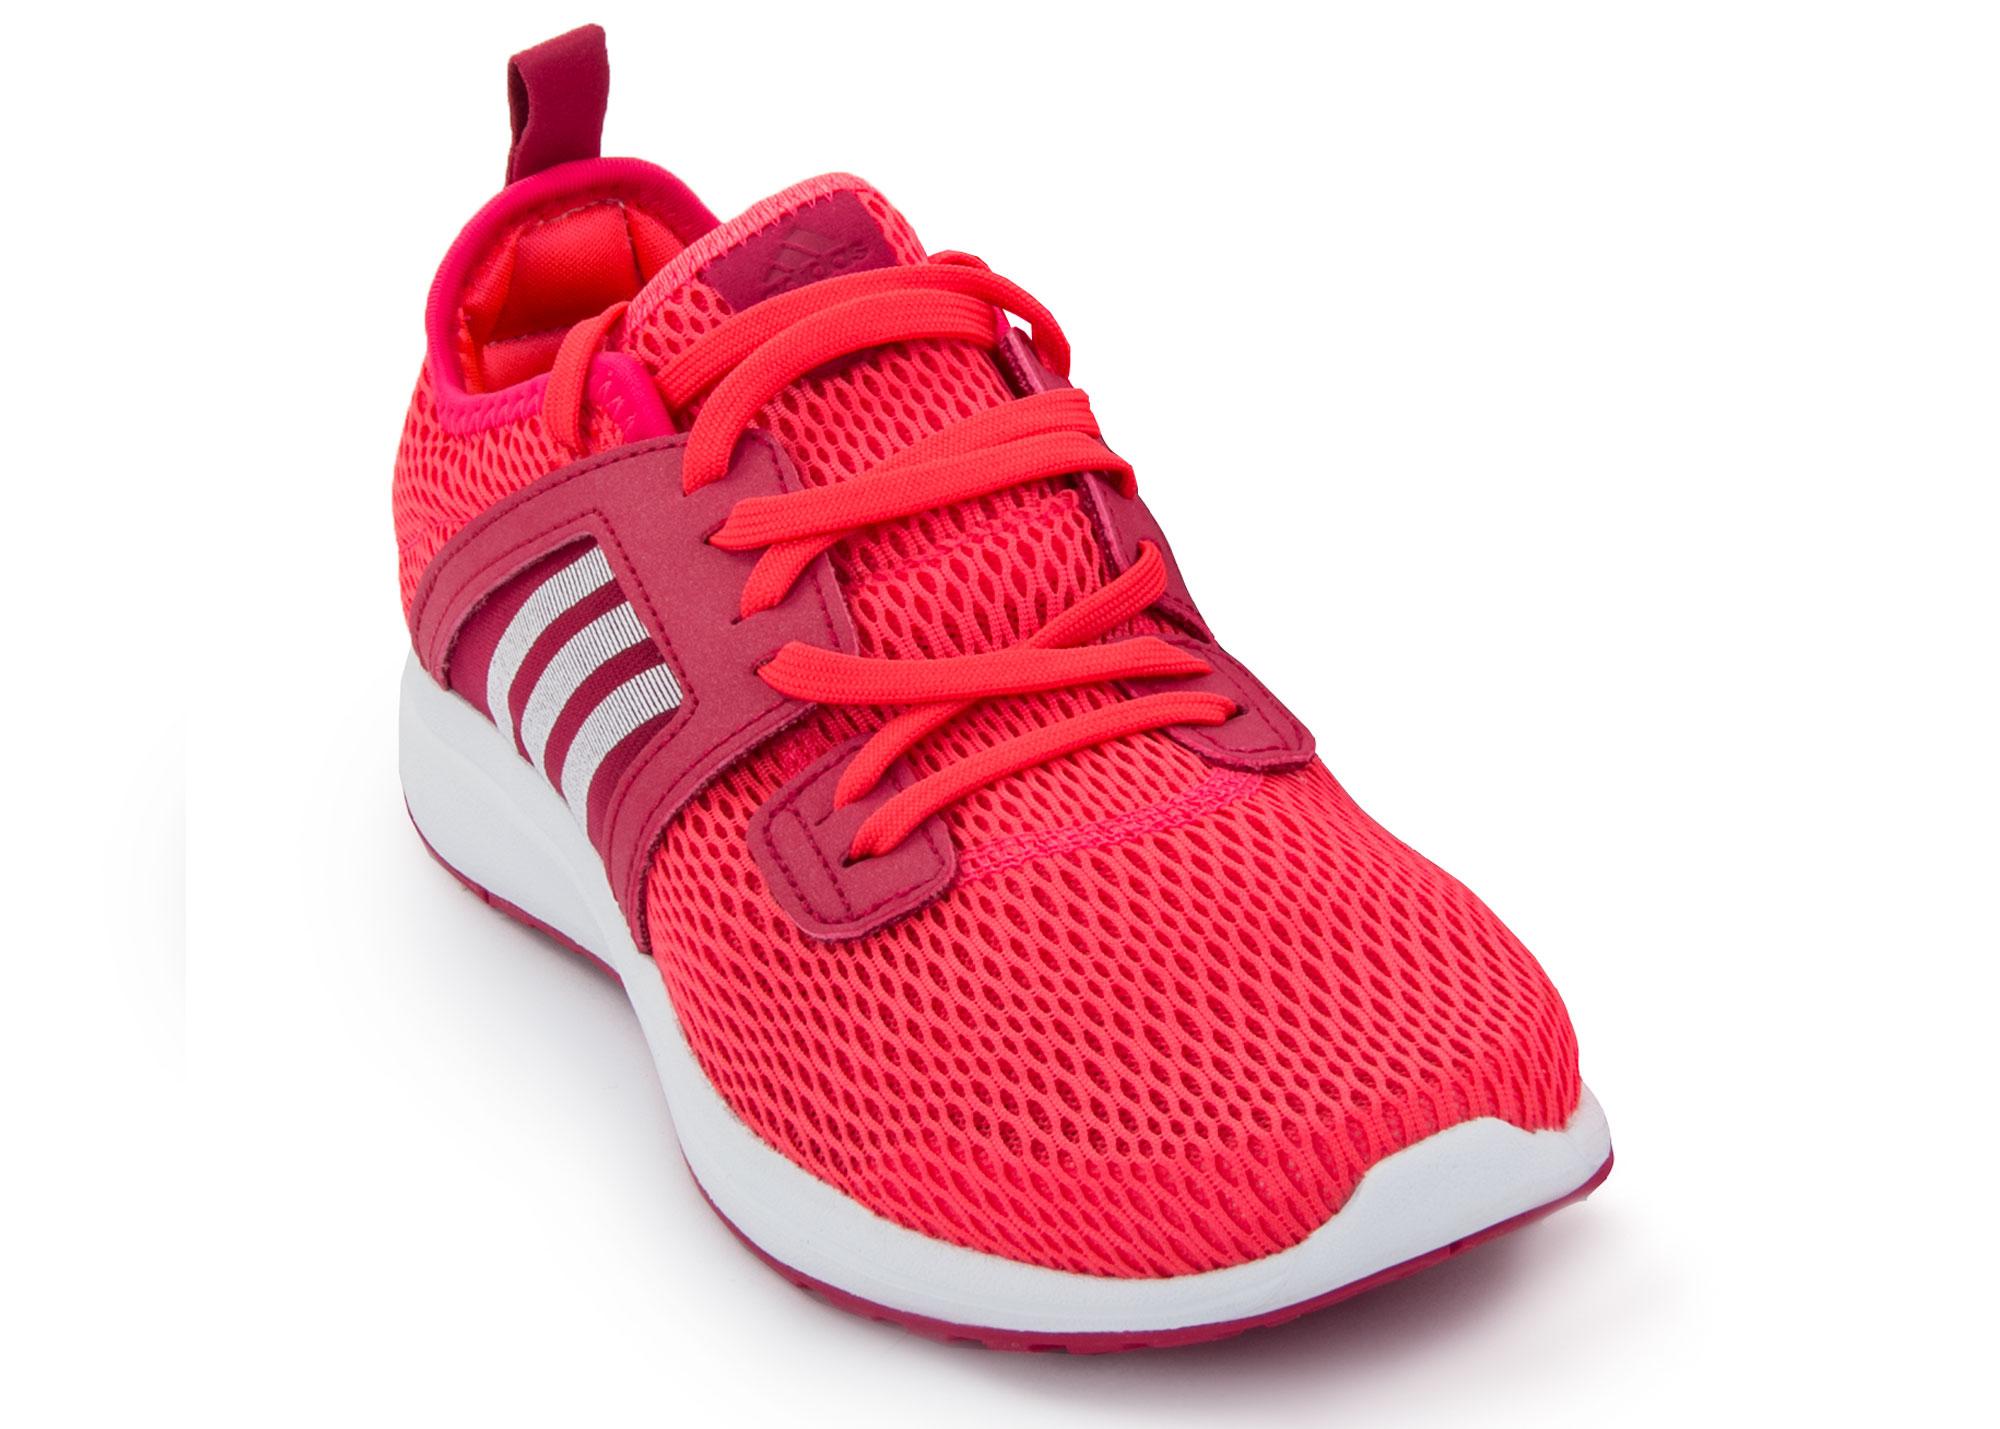 d4d111c9e618 Кроссовки женские Adidas Duramo 7 W - Сеть спортивных магазинов Чемпион